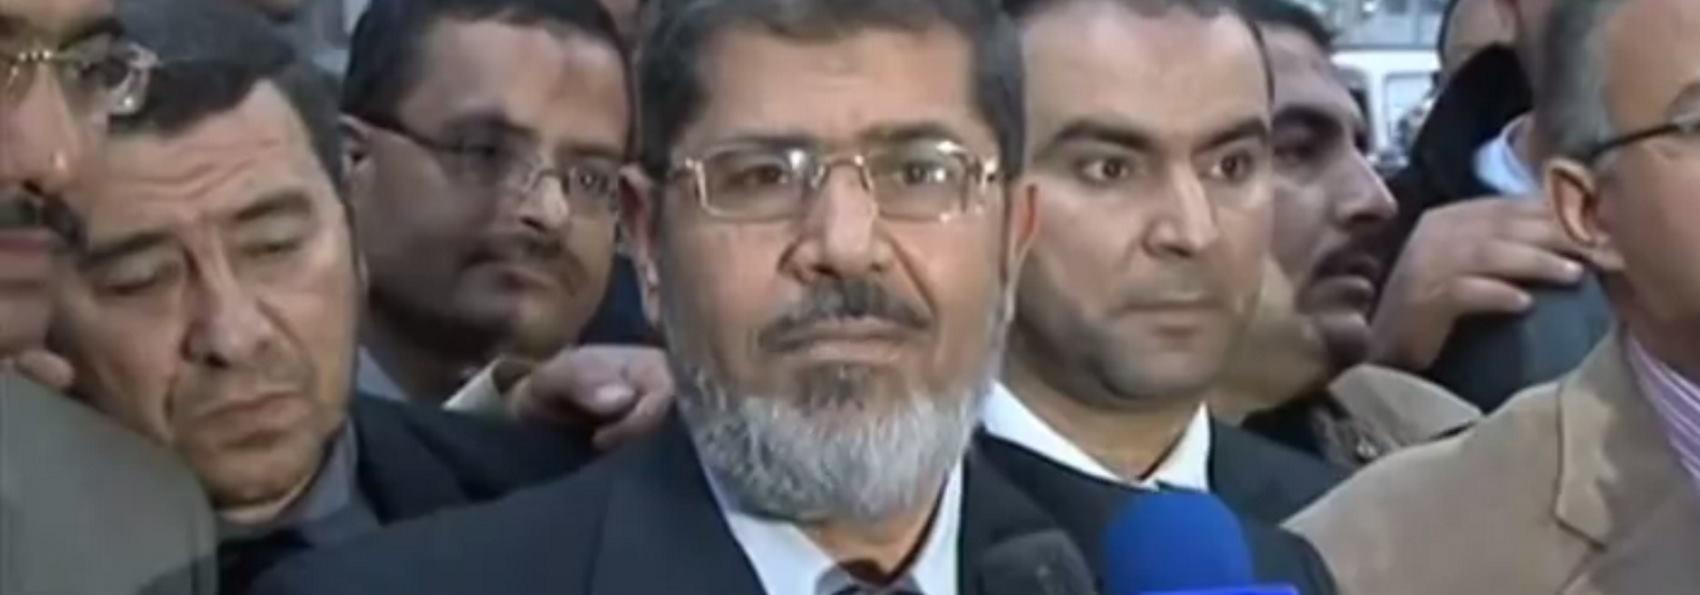 SUĐENJE SVRGNUTOM EGIPATSKOM PREDSJEDNIKU Mohamed Mursi dobio doživotni zatvor za špijunažu